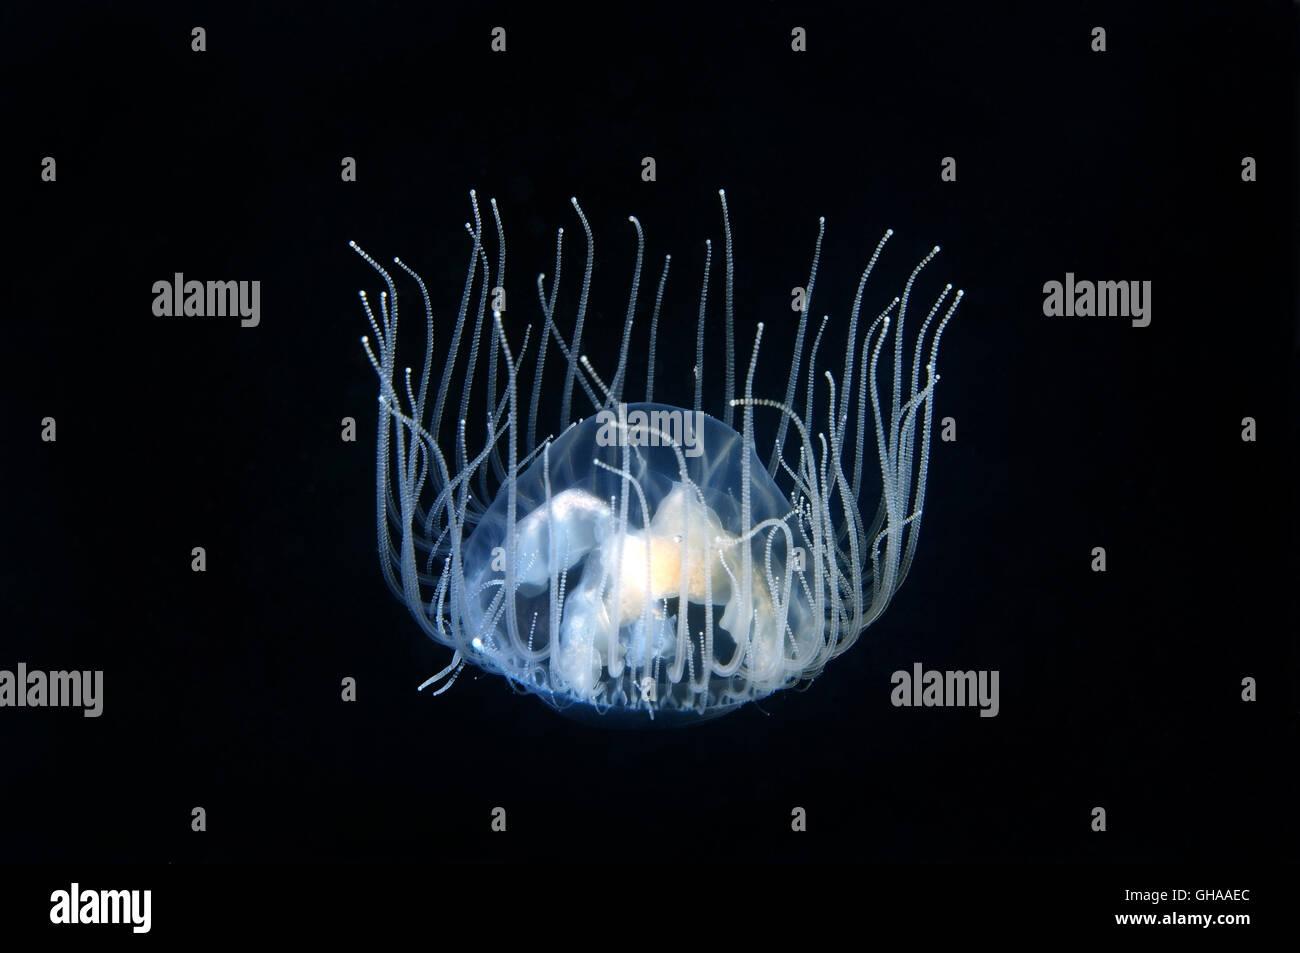 Aferrándose medusas o venenosos (Gonionemus vertens gonionemus) el mar de Japón, en el Lejano Oriente Imagen De Stock